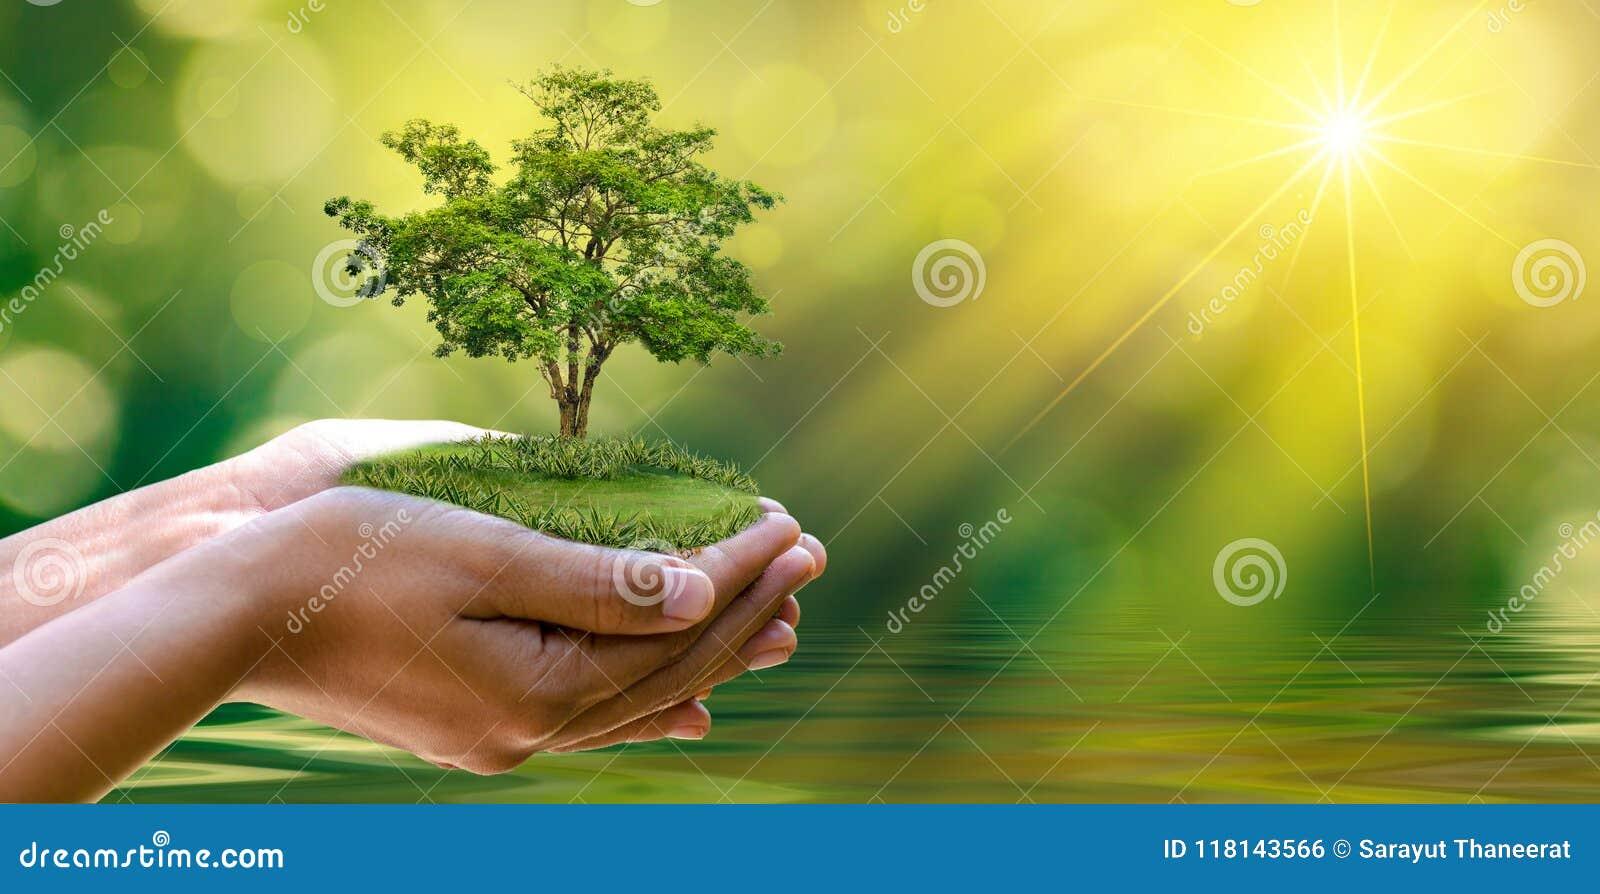 环境世界地球日在生长幼木的树的手上 Bokeh绿化拿着在自然领域gra的背景女性手树